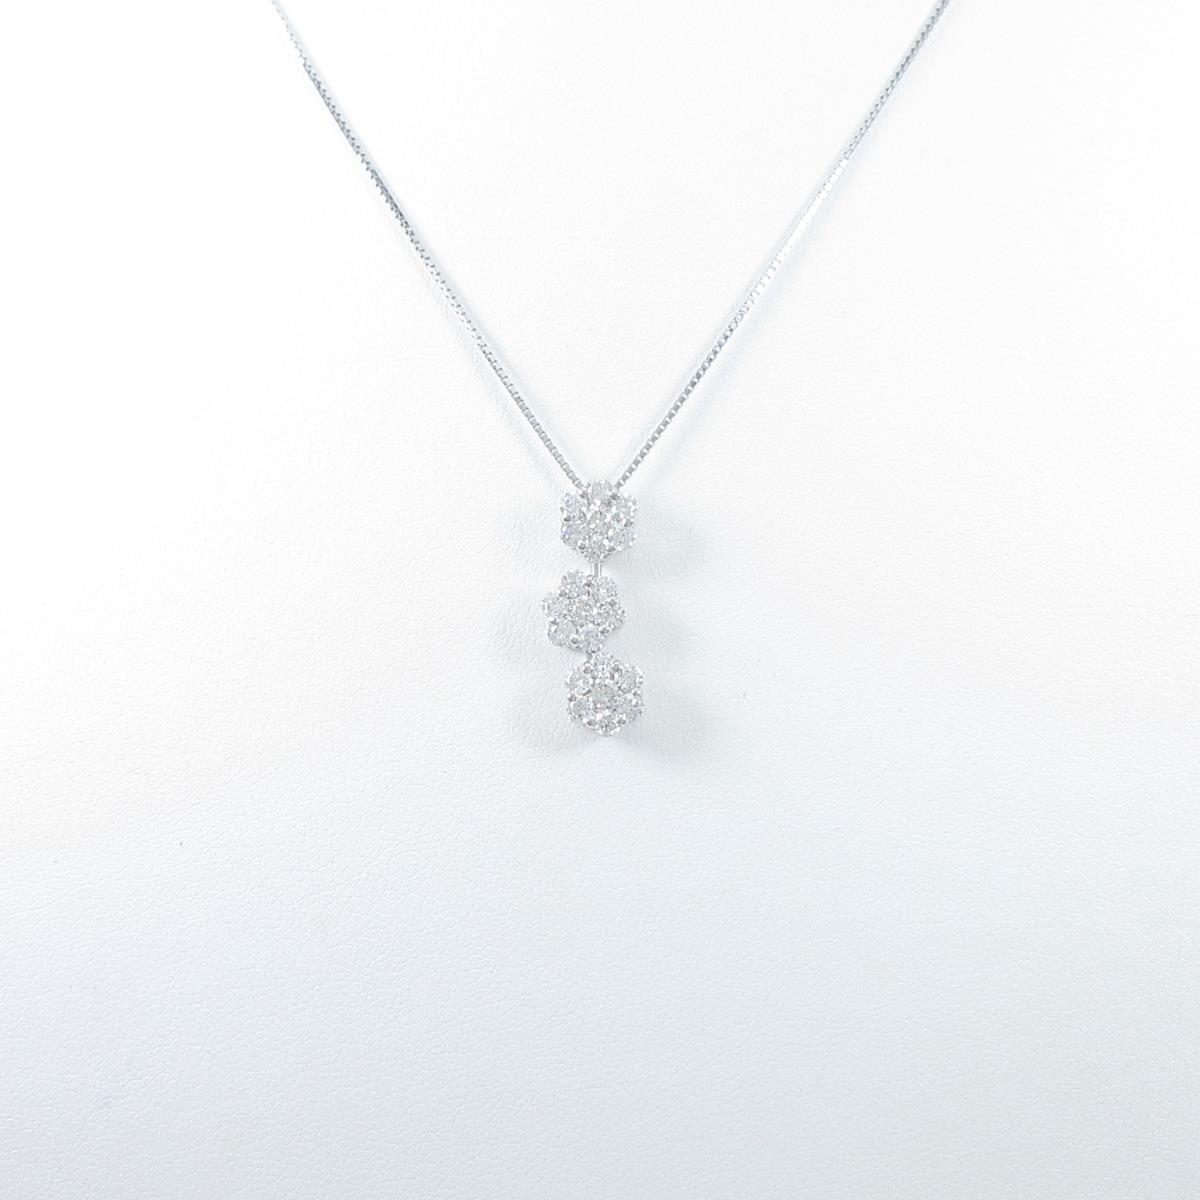 K18WG 2WAY フラワー ダイヤモンドネックレス【中古】